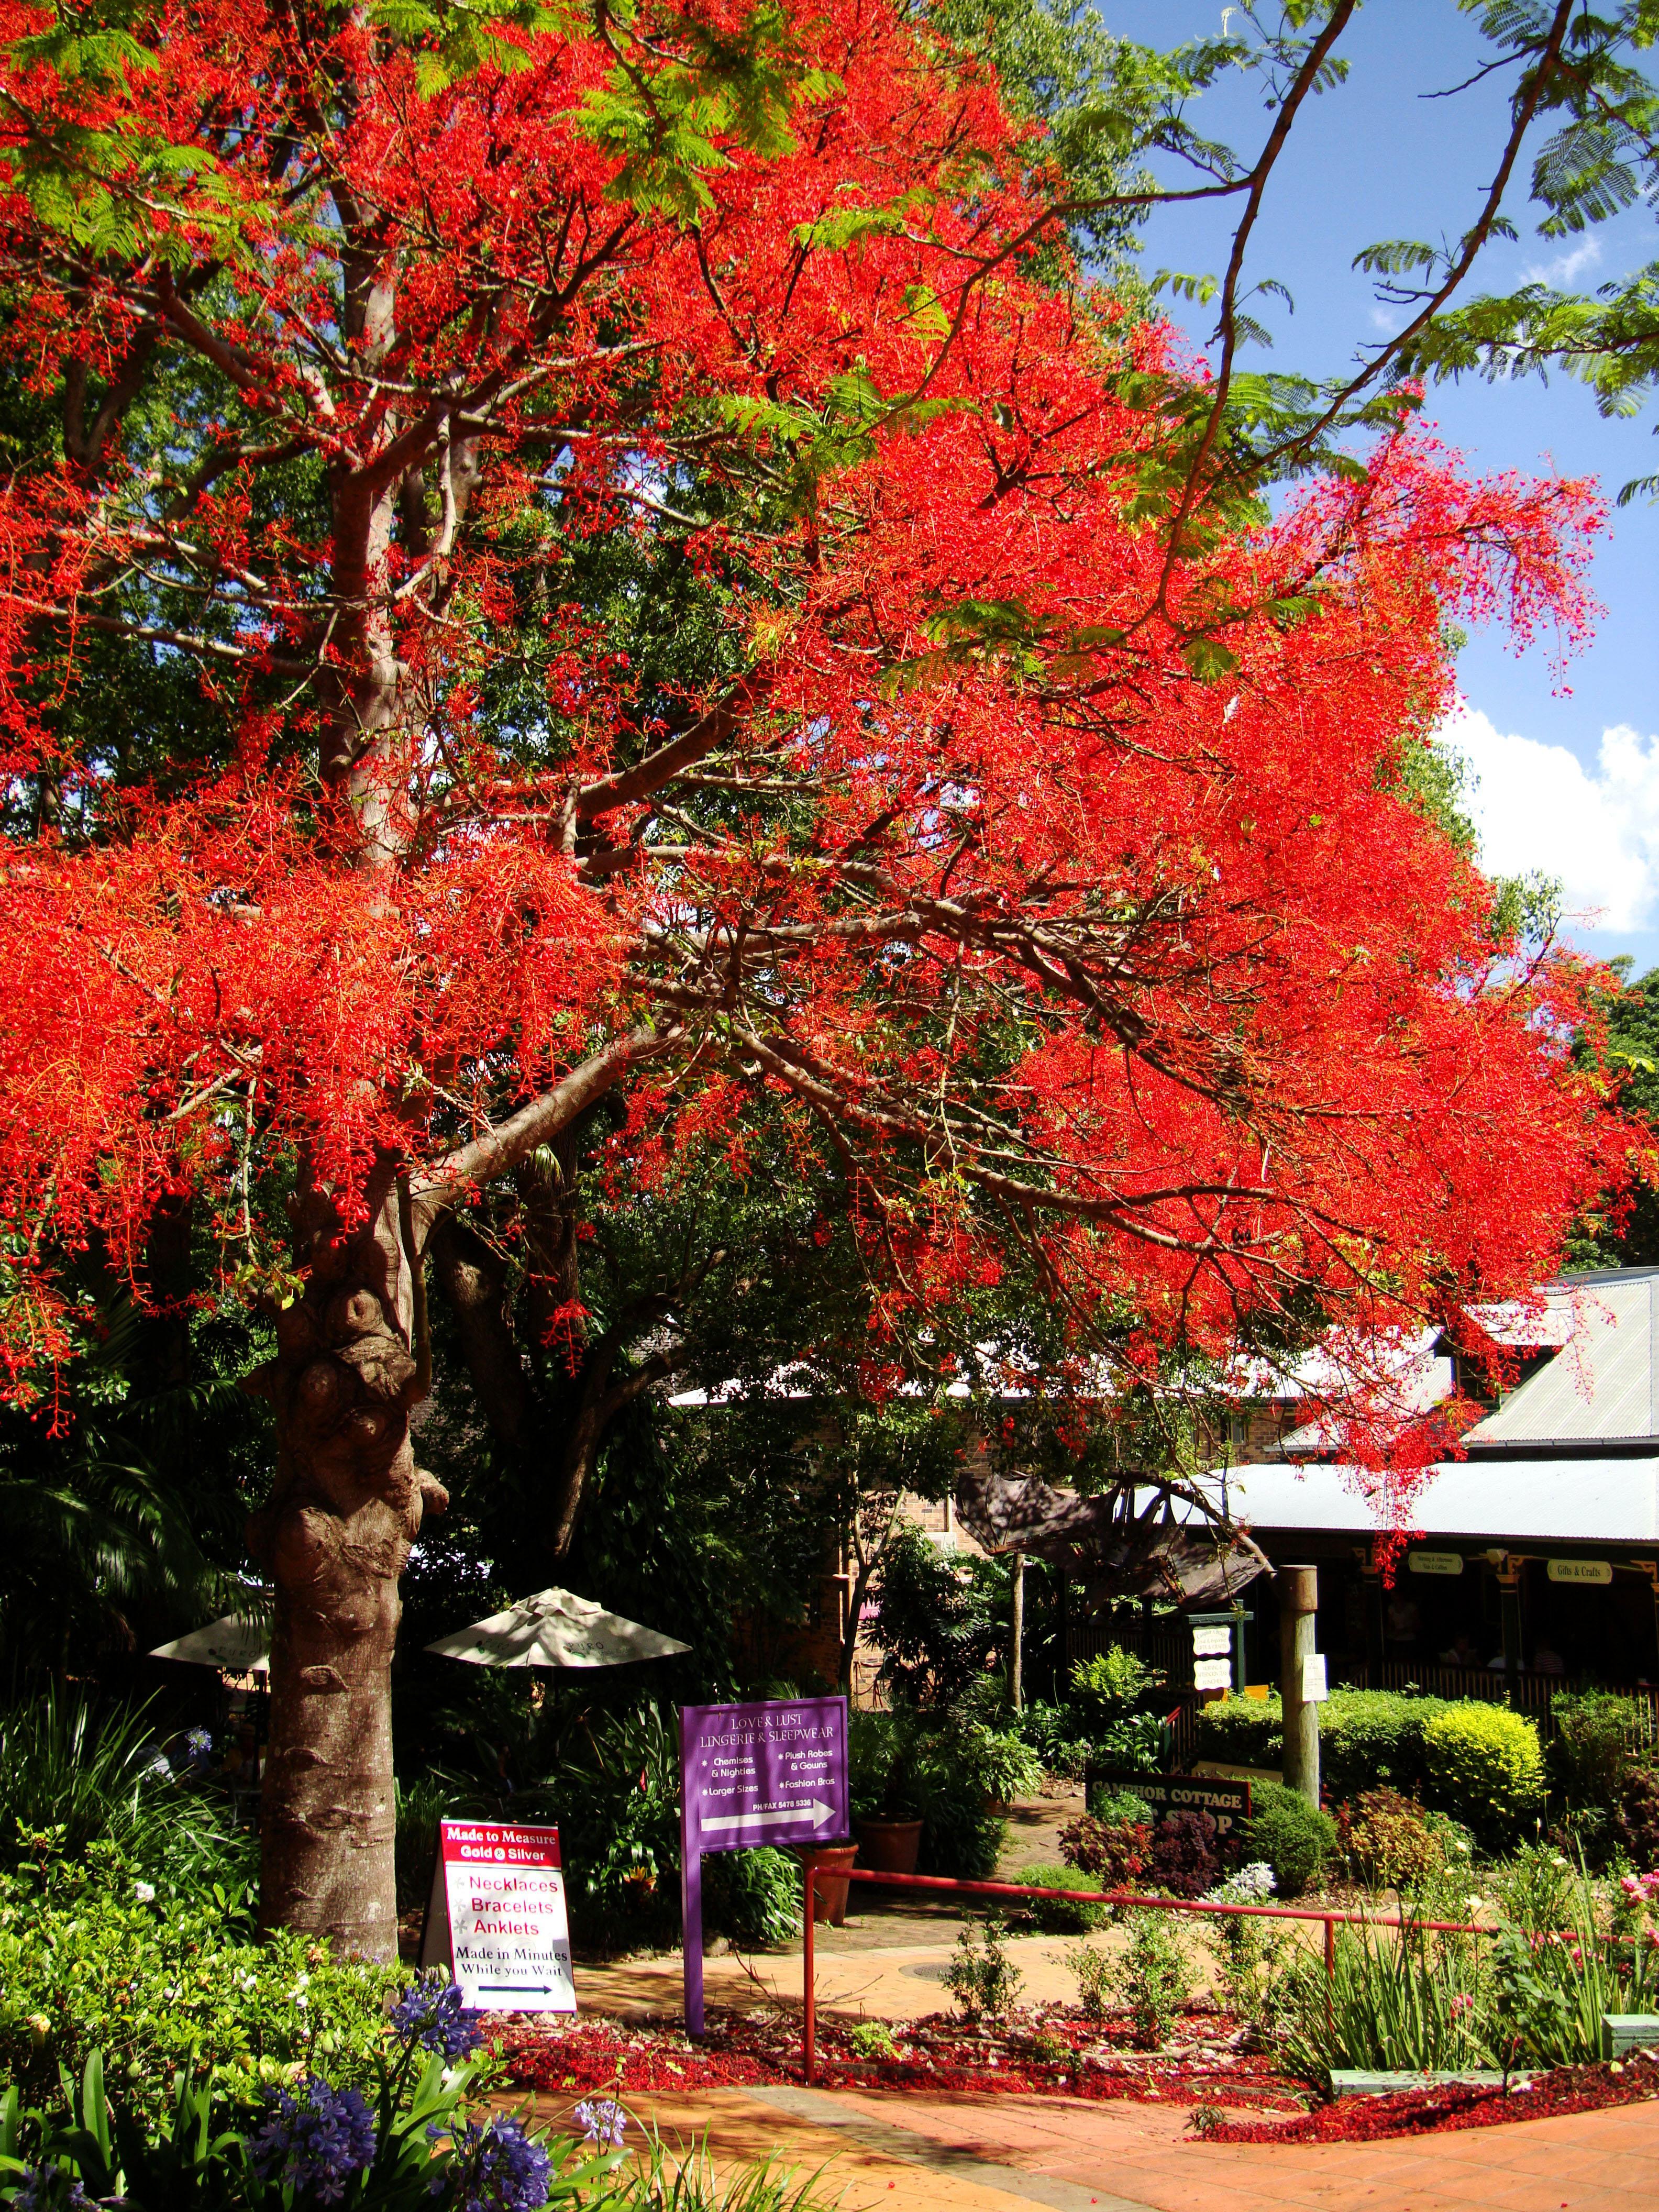 Trees Flowering Jacaranda Poinciana Malaney 01